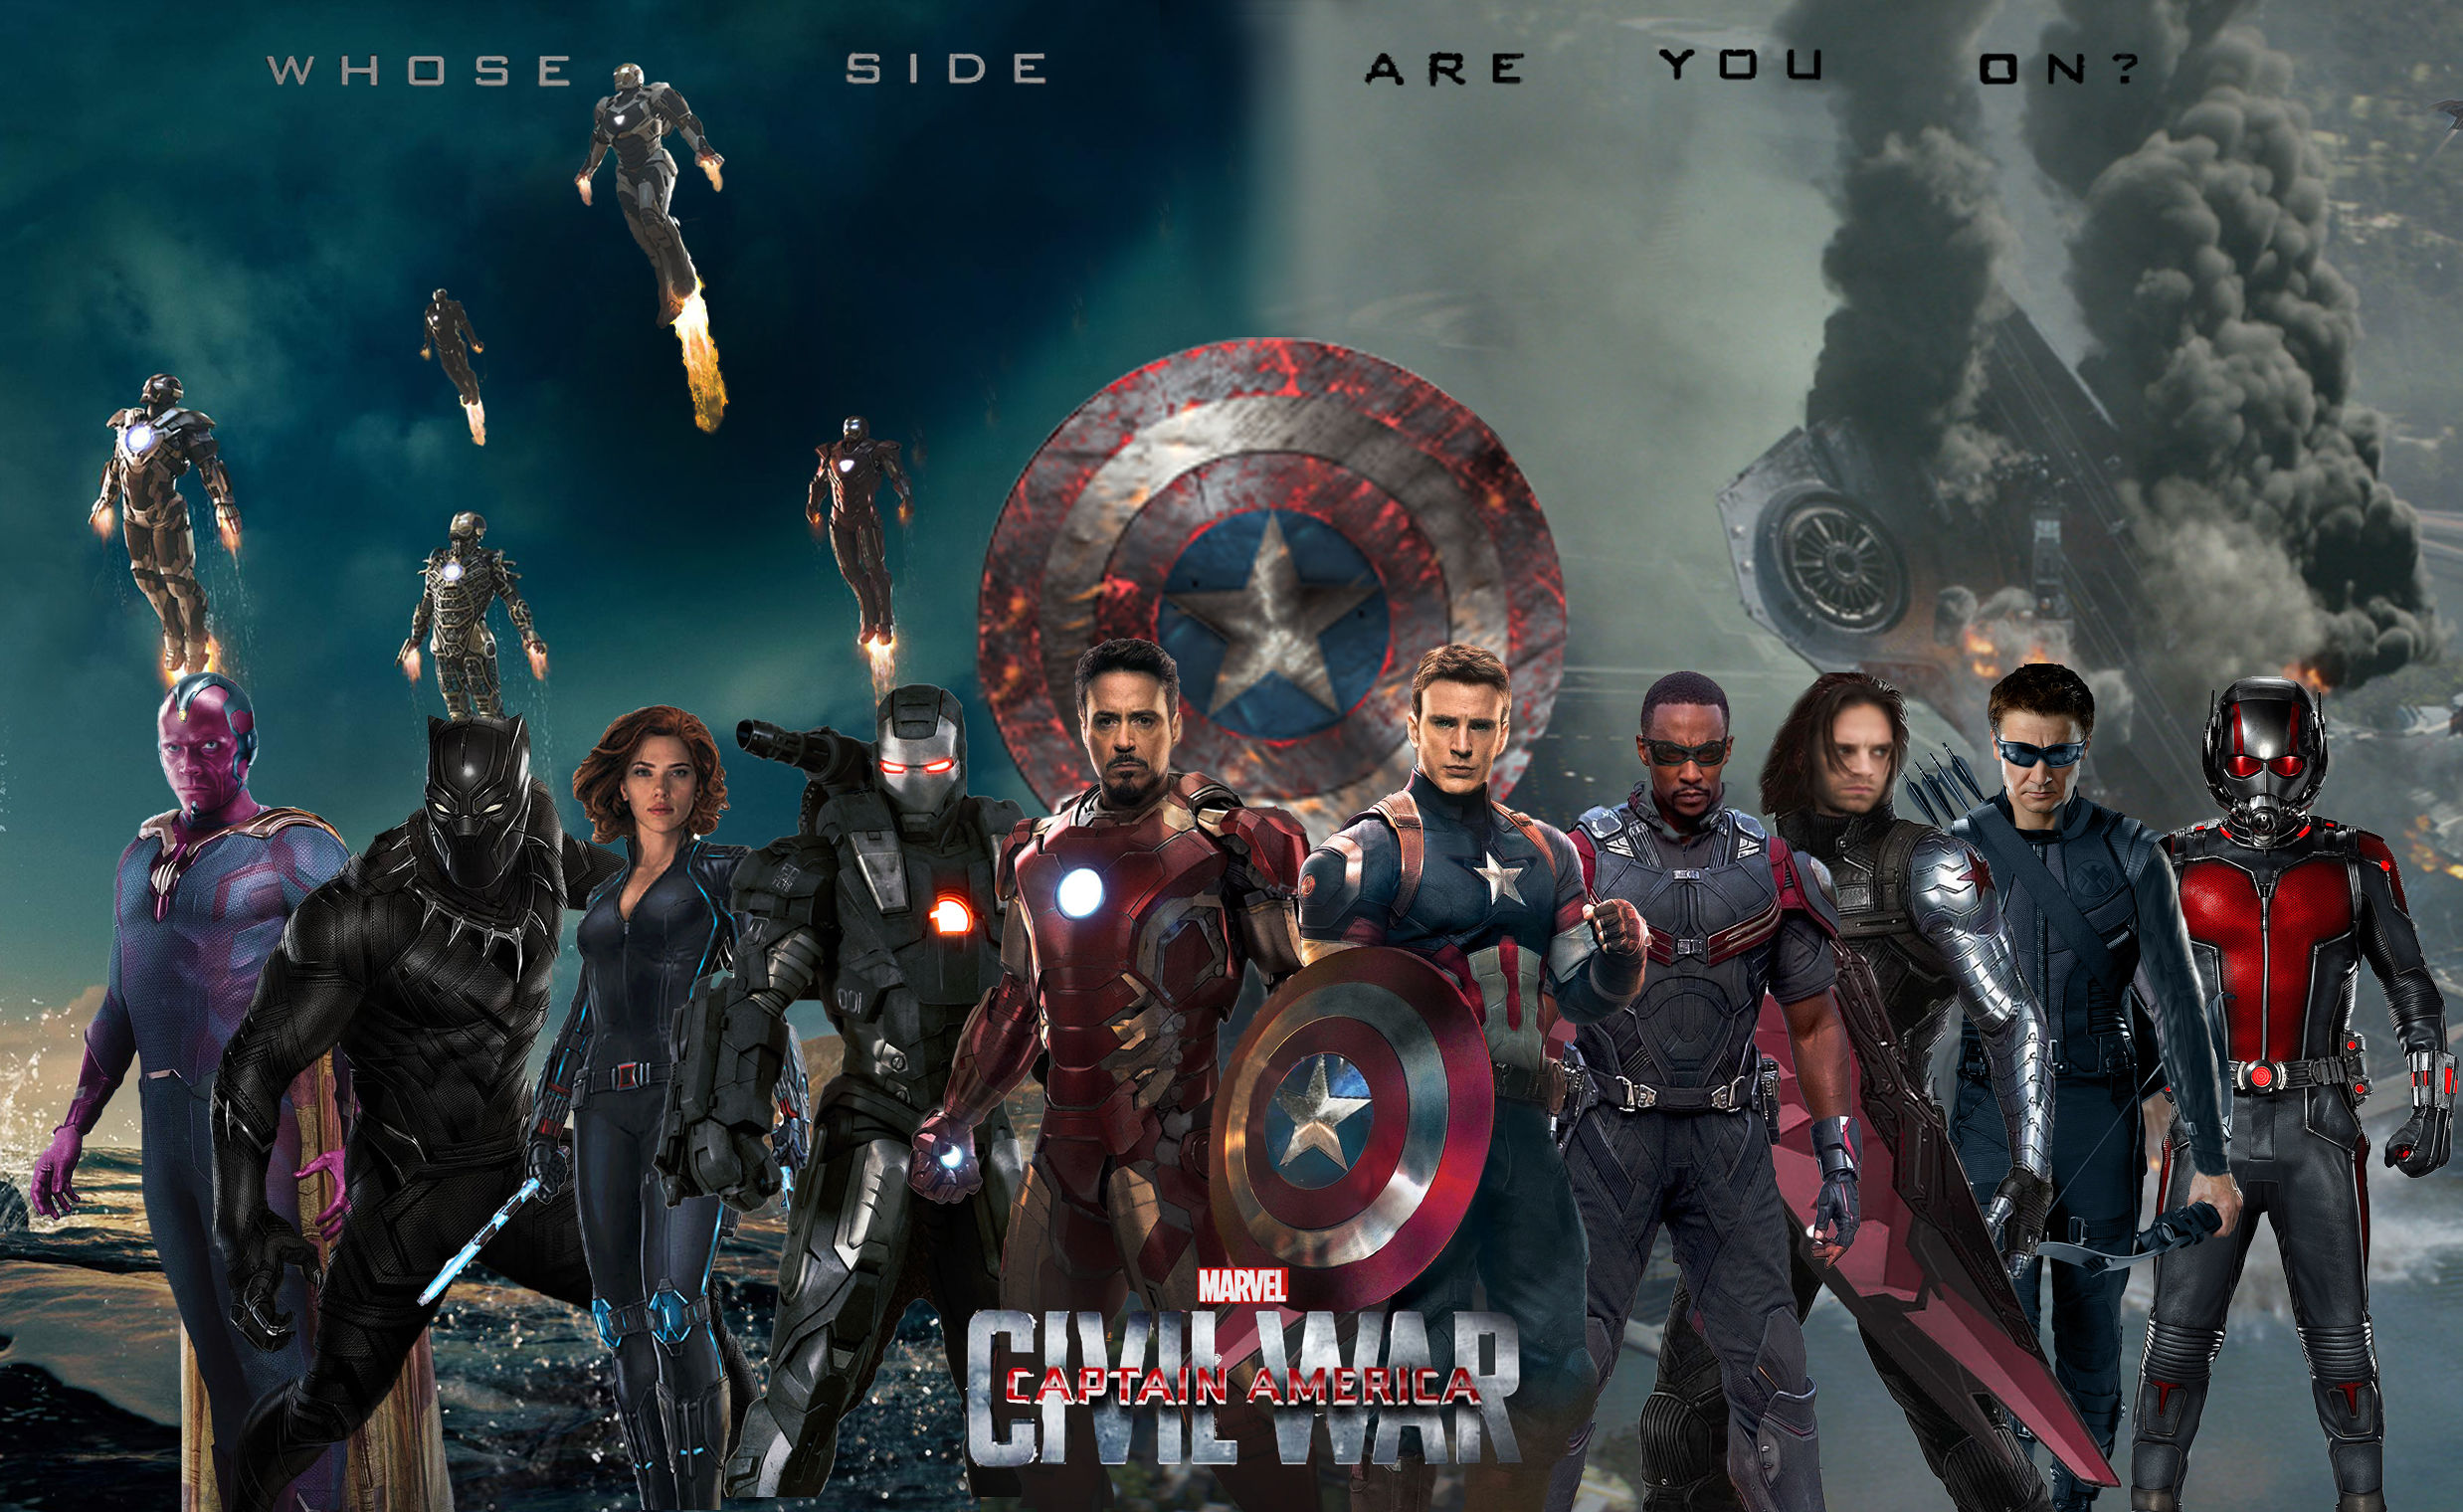 Captain America Clipart Hd 1080p.